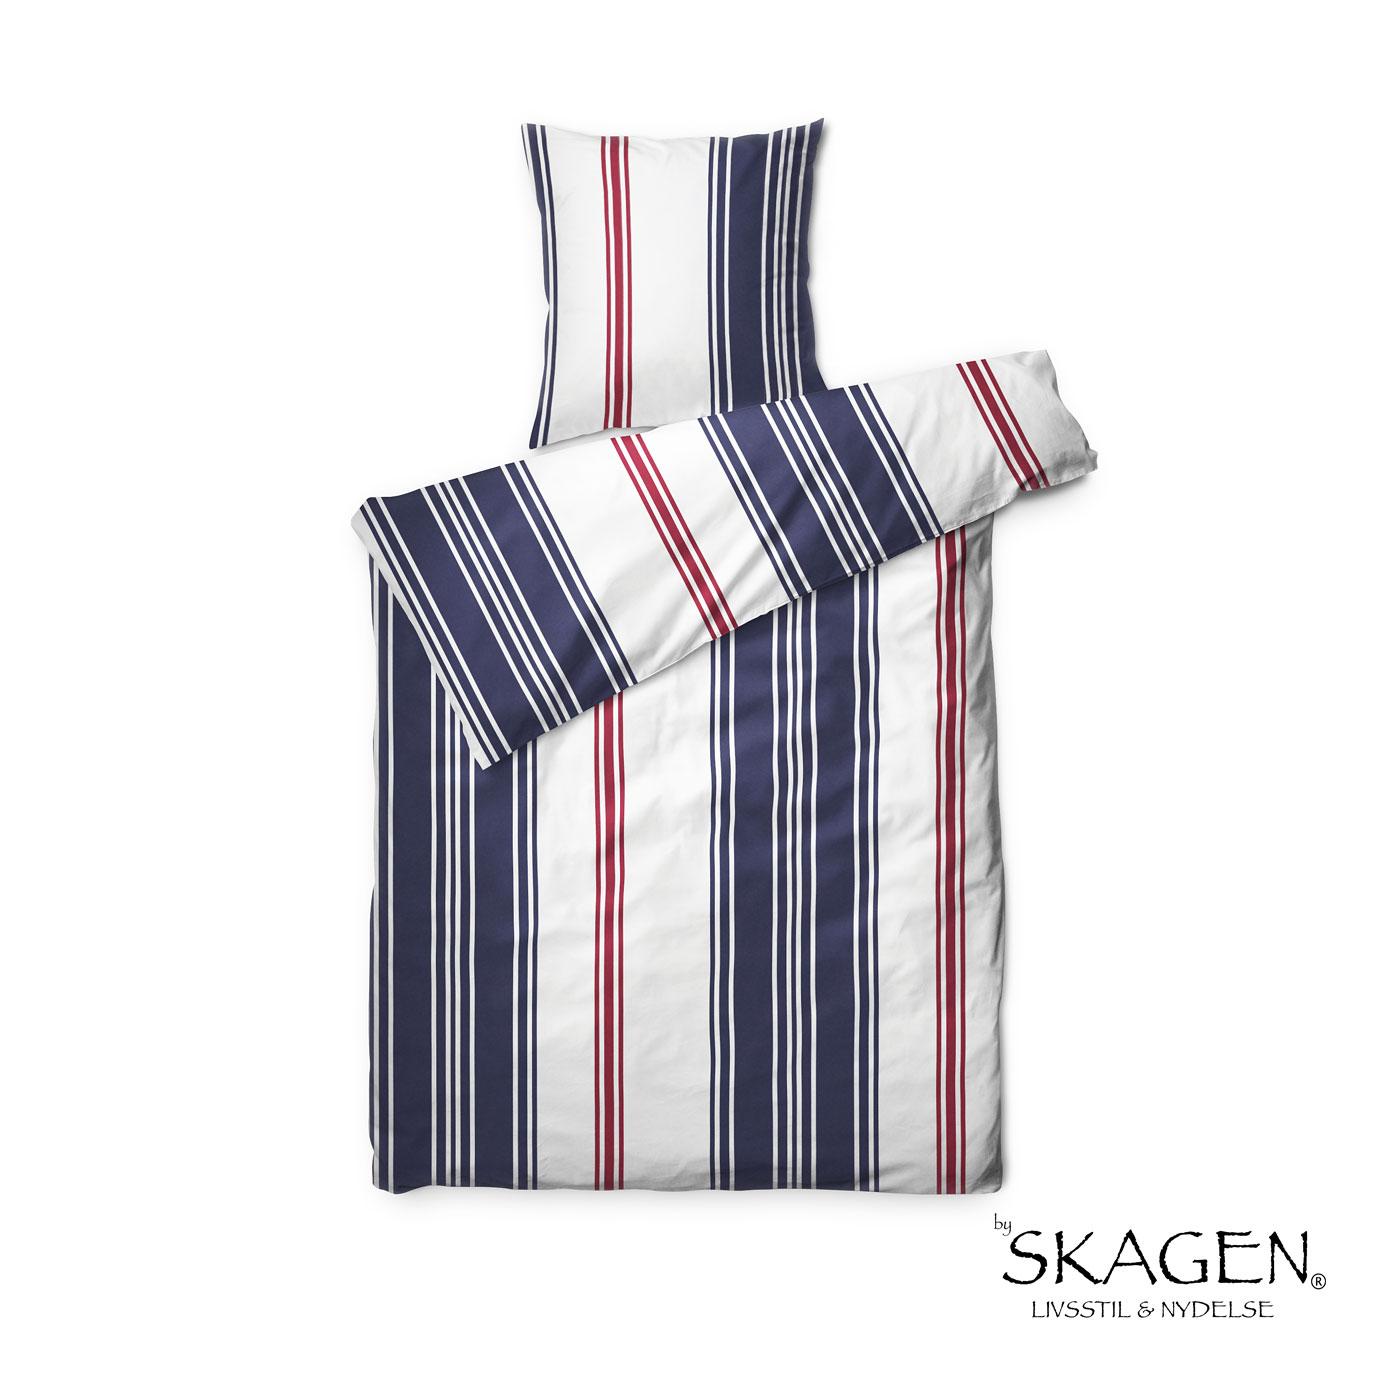 skagen sengetøj by Skagen Emily – maritimt sengetøj i lækkert bomulddsatin skagen sengetøj